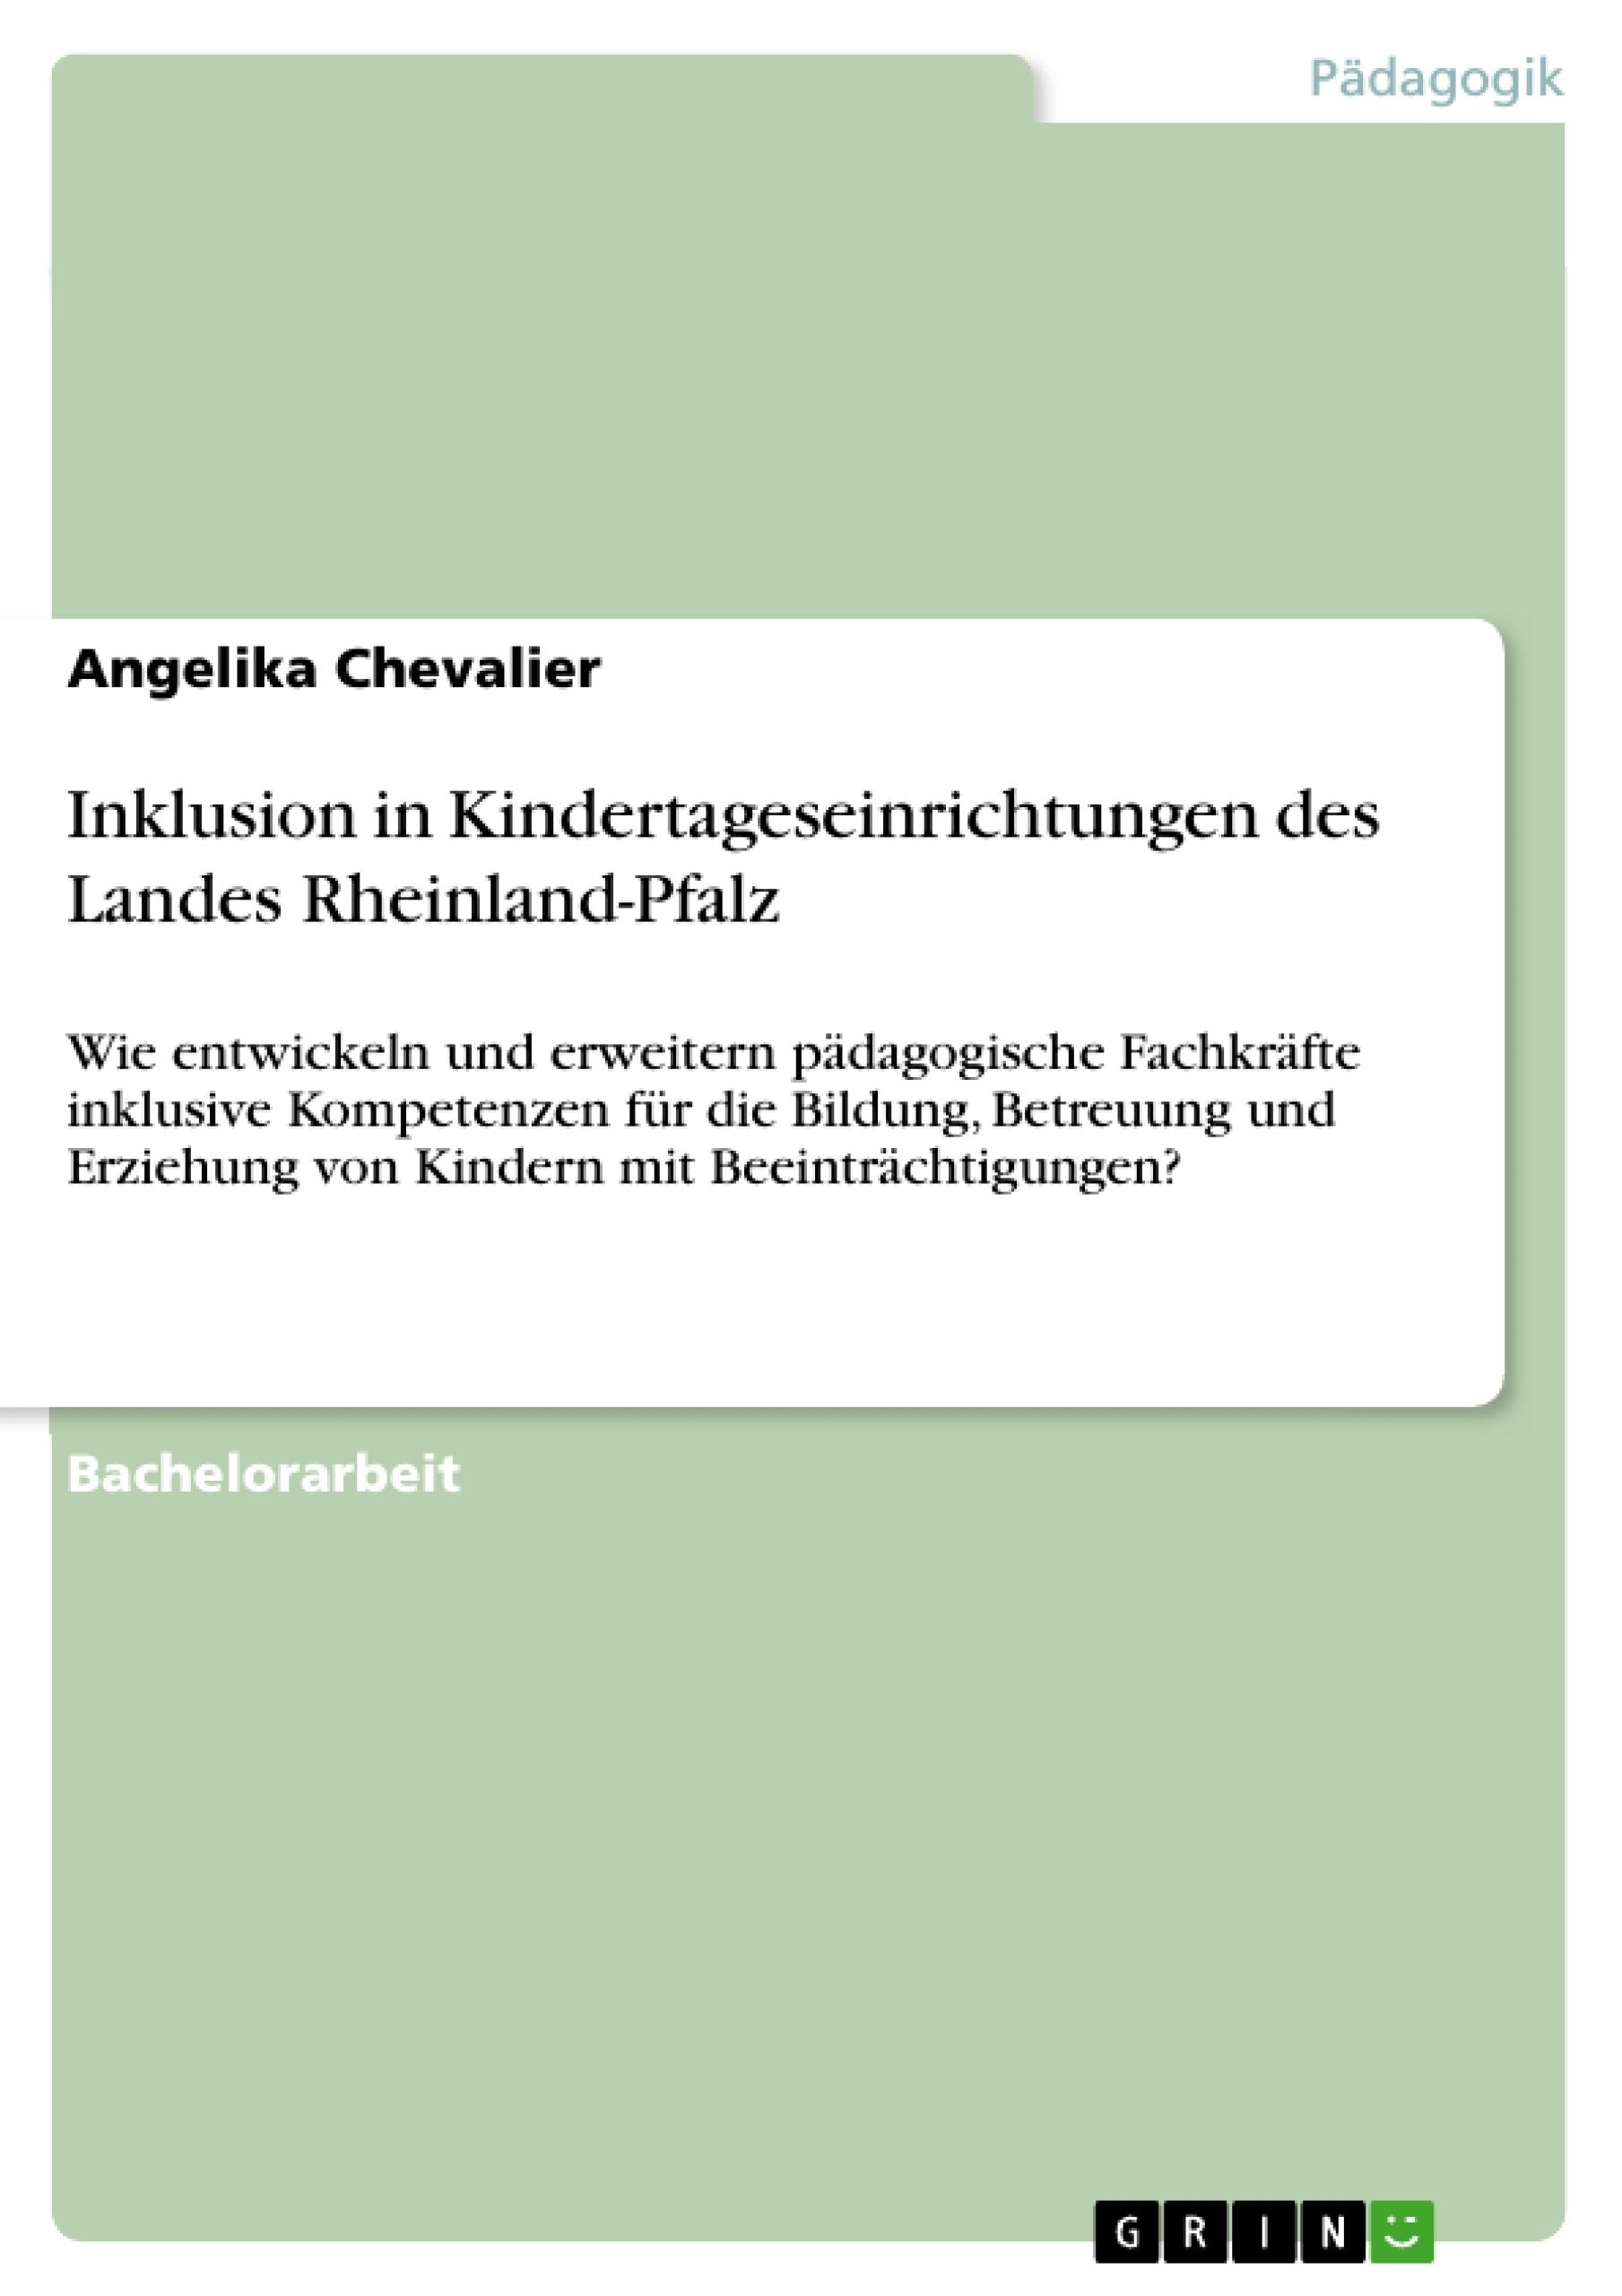 Titel: Inklusion in Kindertageseinrichtungen des Landes Rheinland-Pfalz